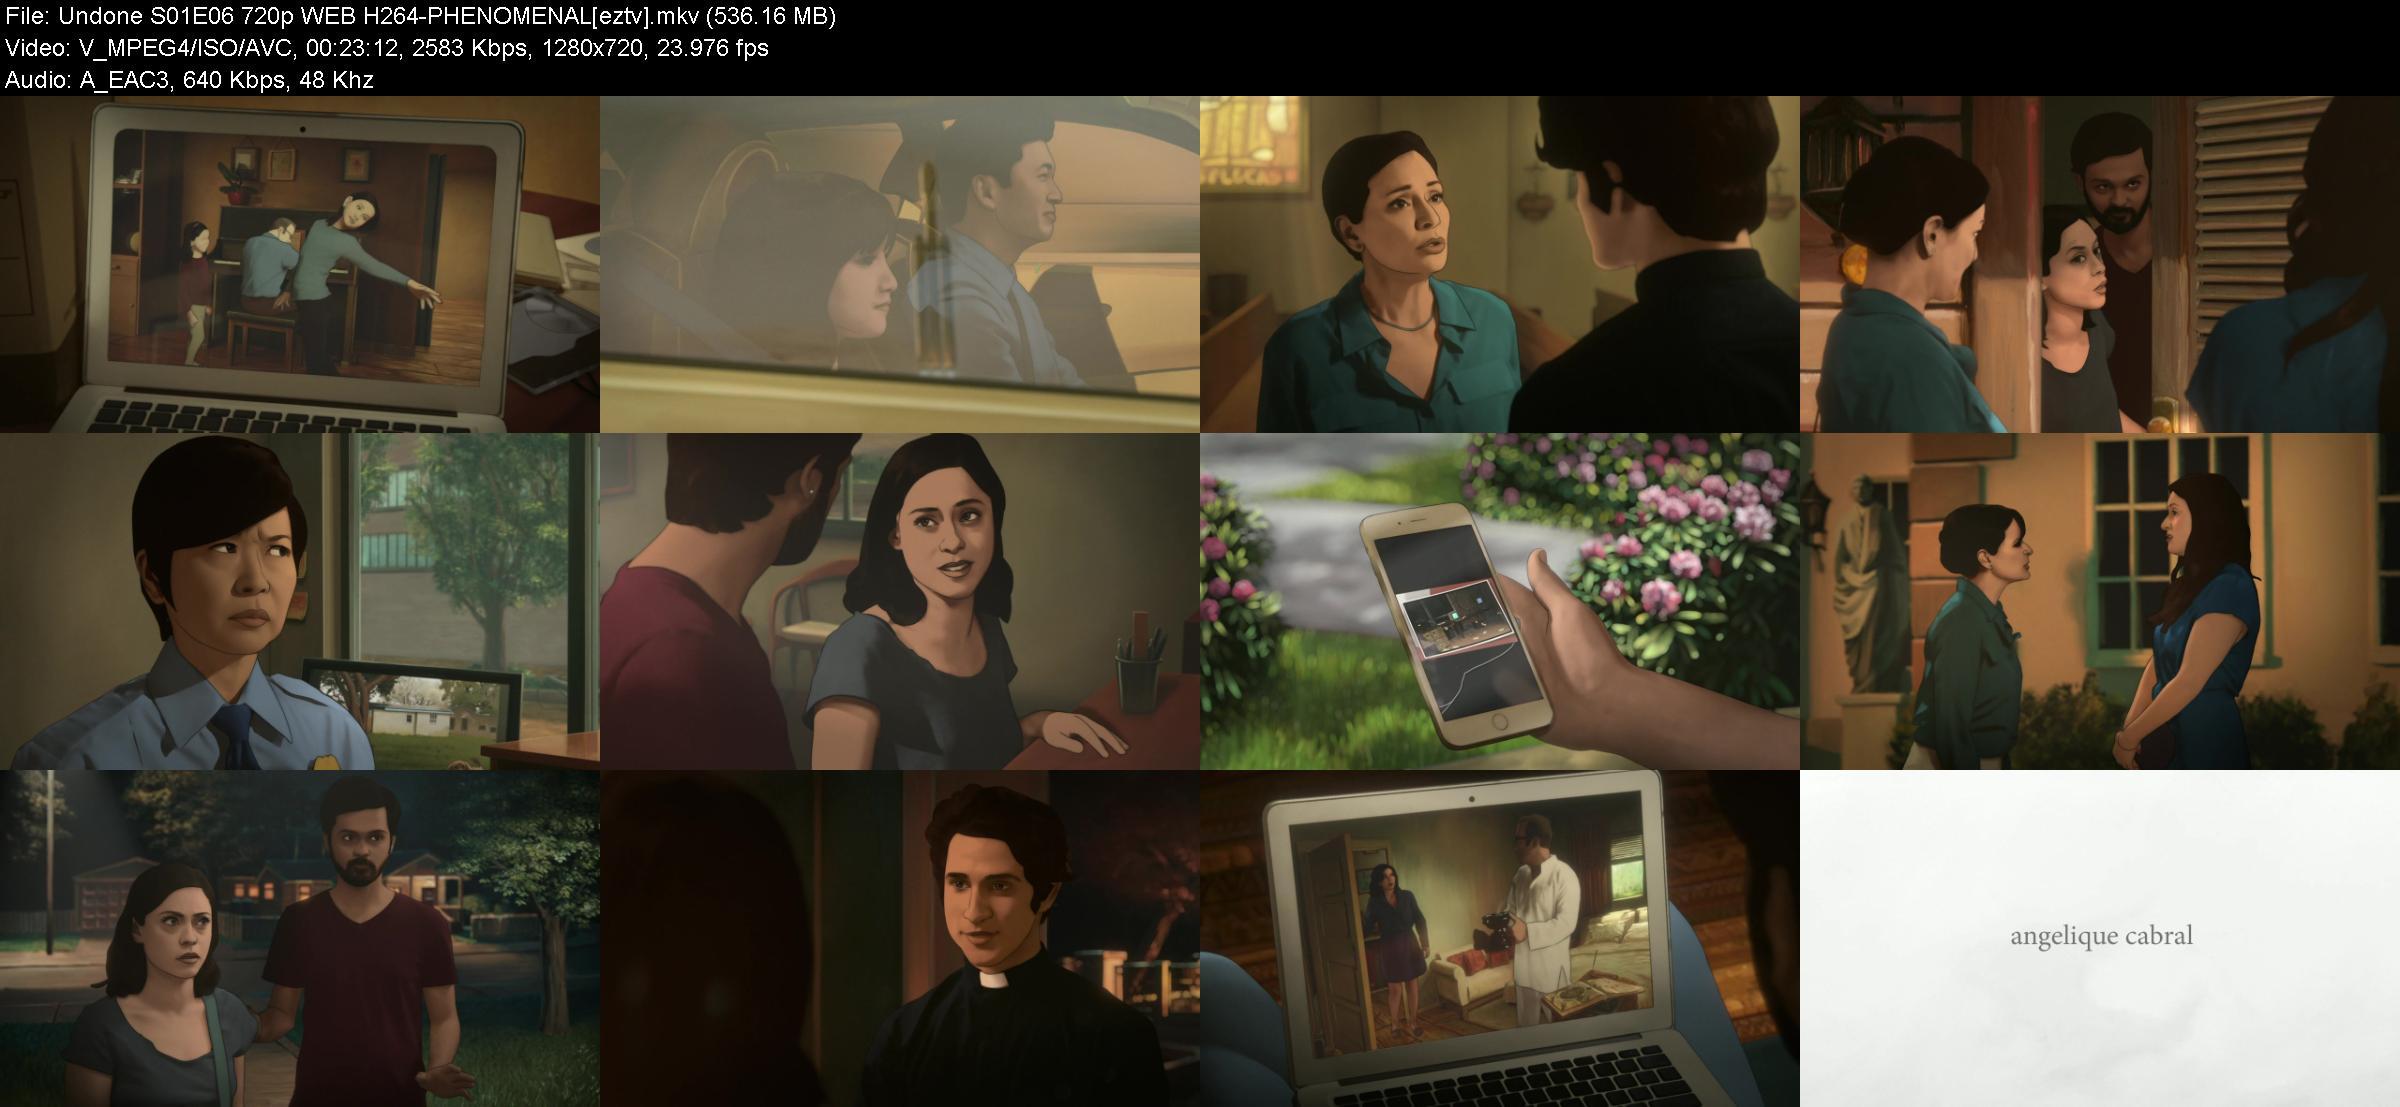 Undone S01E06 720p WEB H264-PHENOMENAL